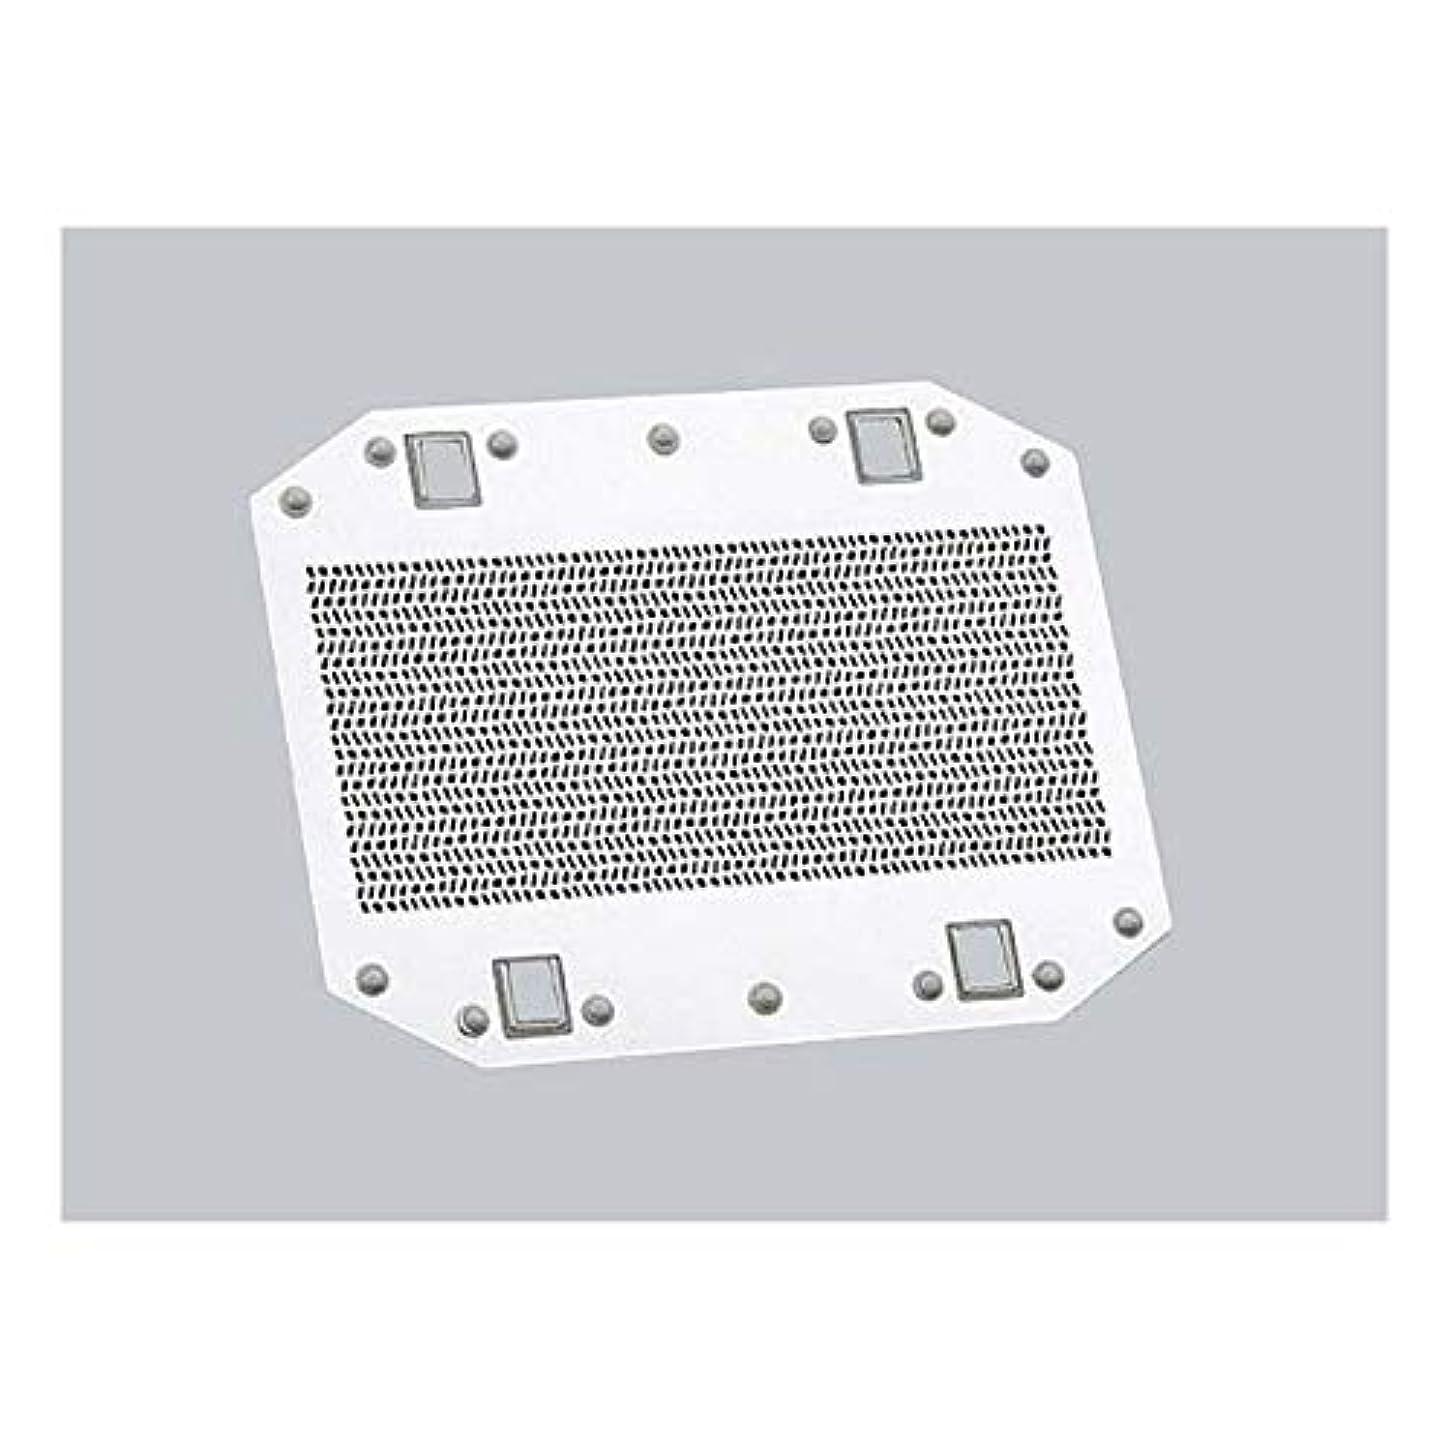 学習名目上のソロパナソニック 替刃 メンズシェーバー用 外刃 ES9943